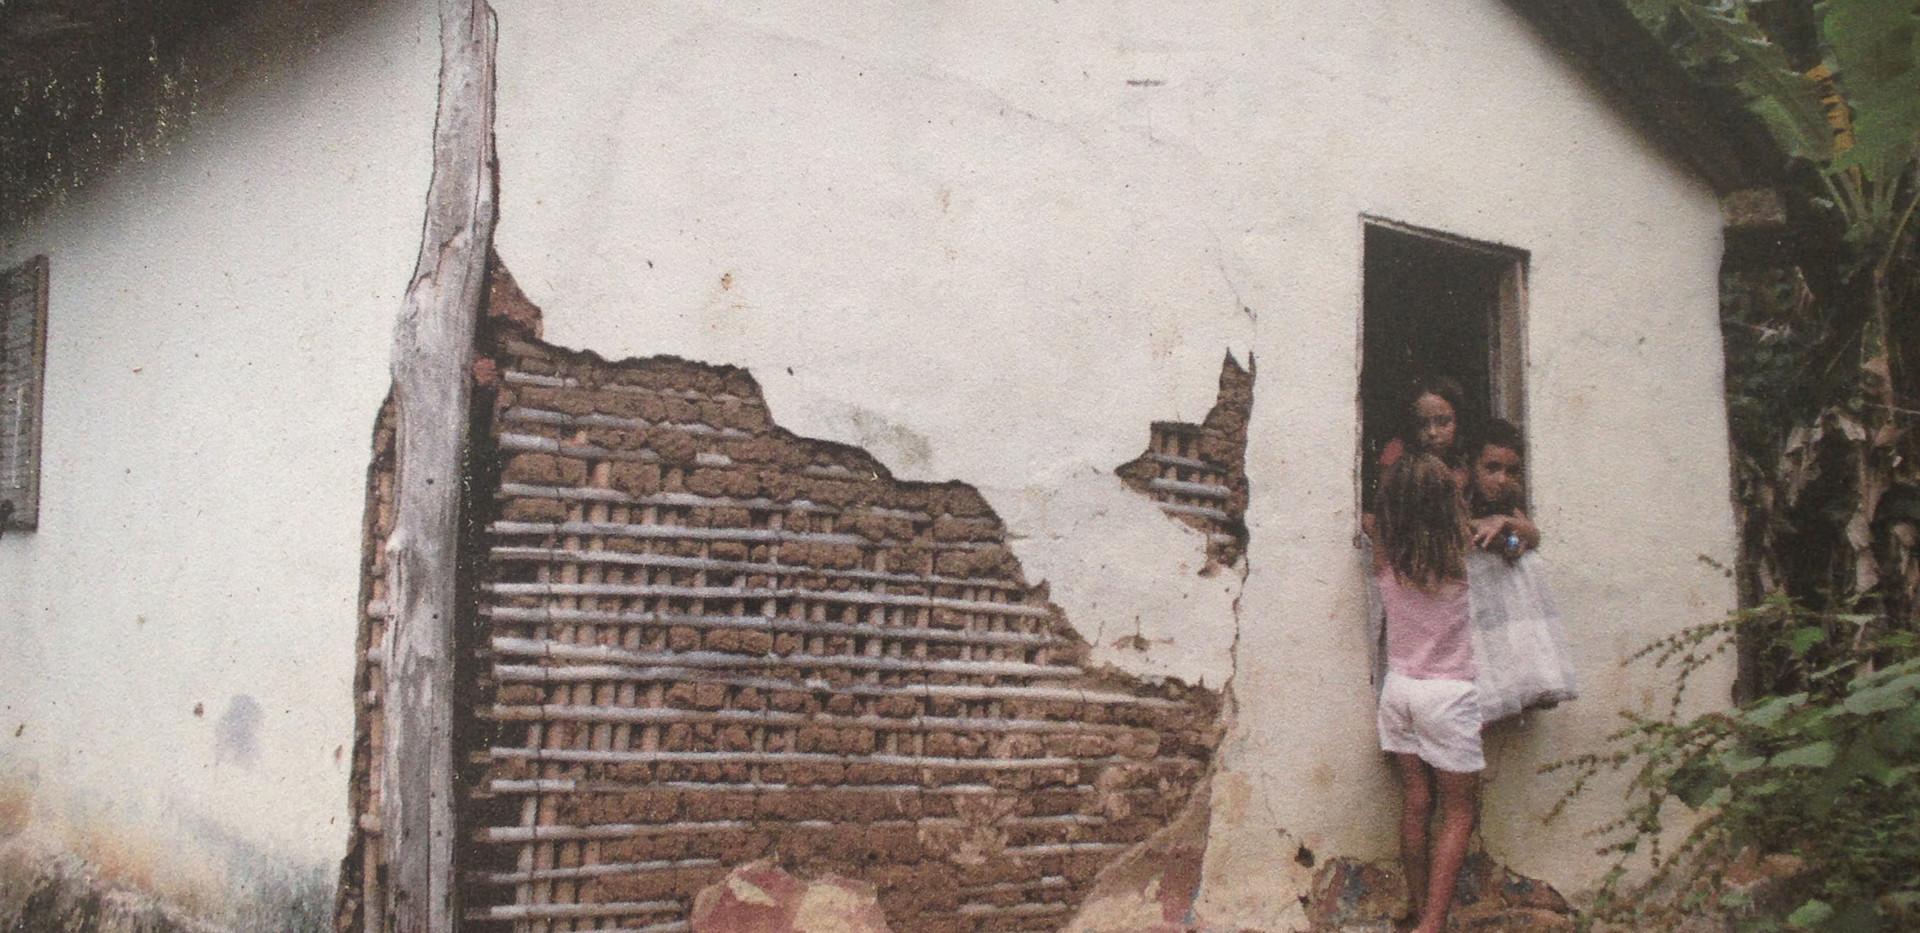 Cultures constructives en terre Brésil_7